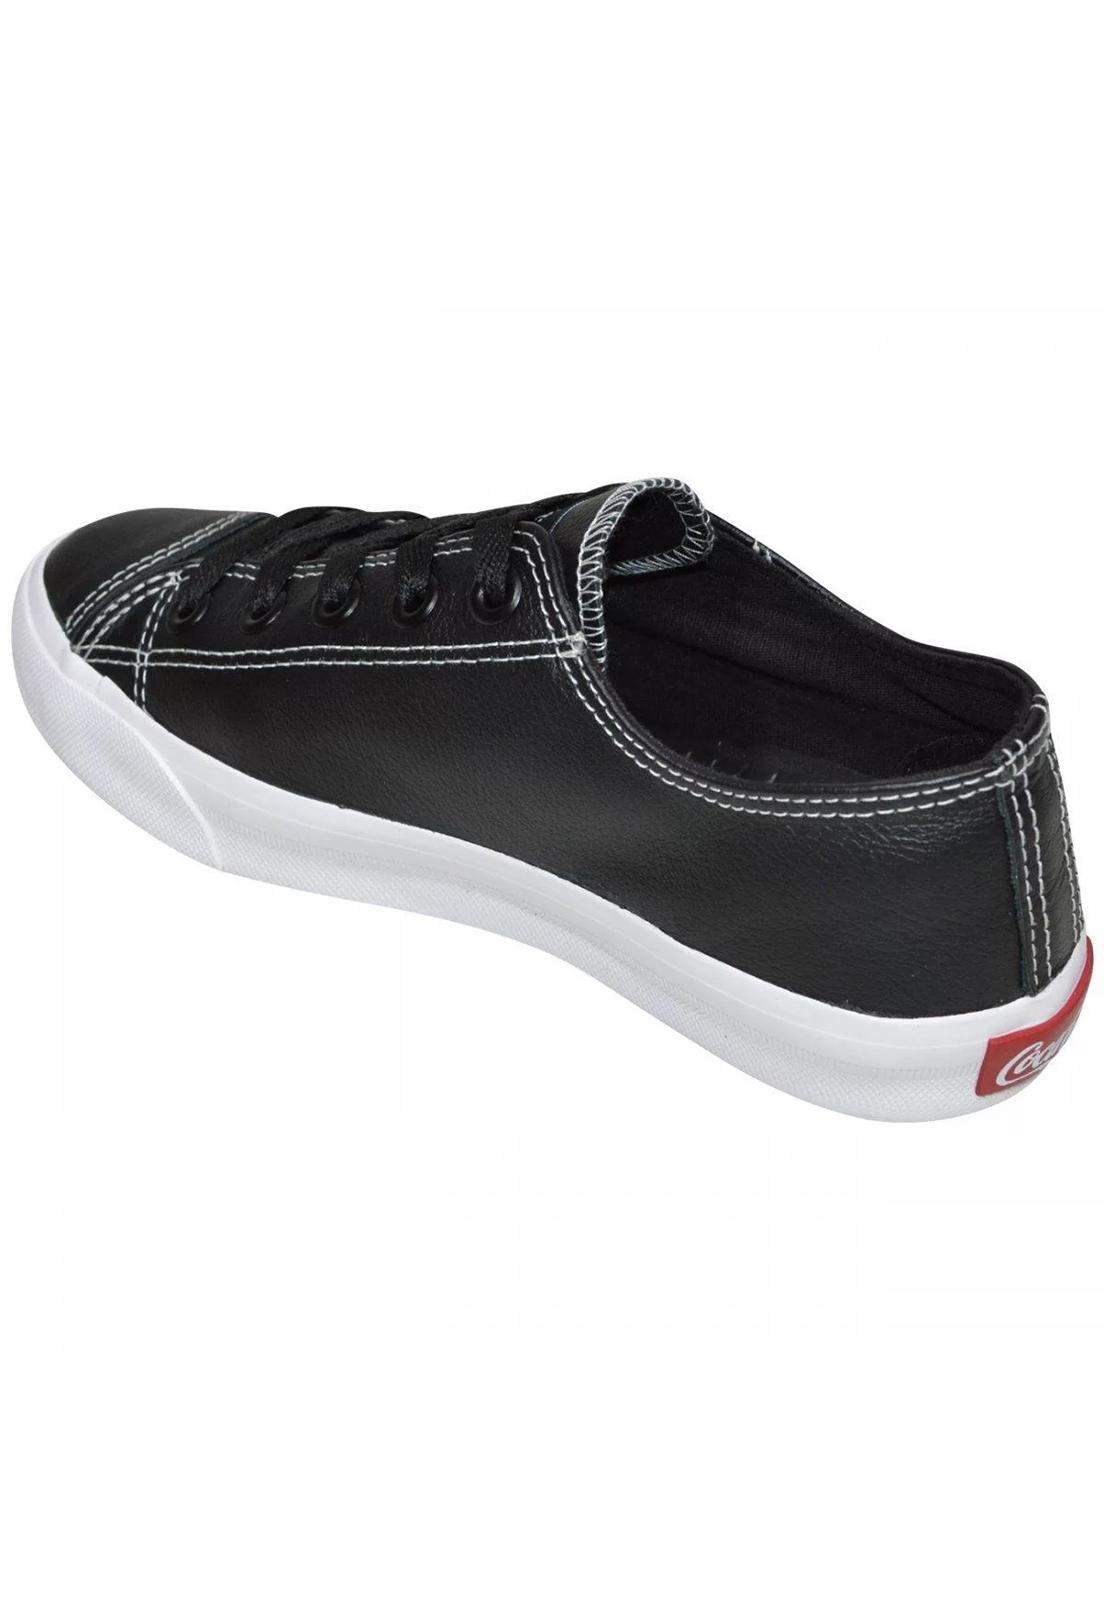 Tênis Casual Coca Cola Shoes Preto Atlanta